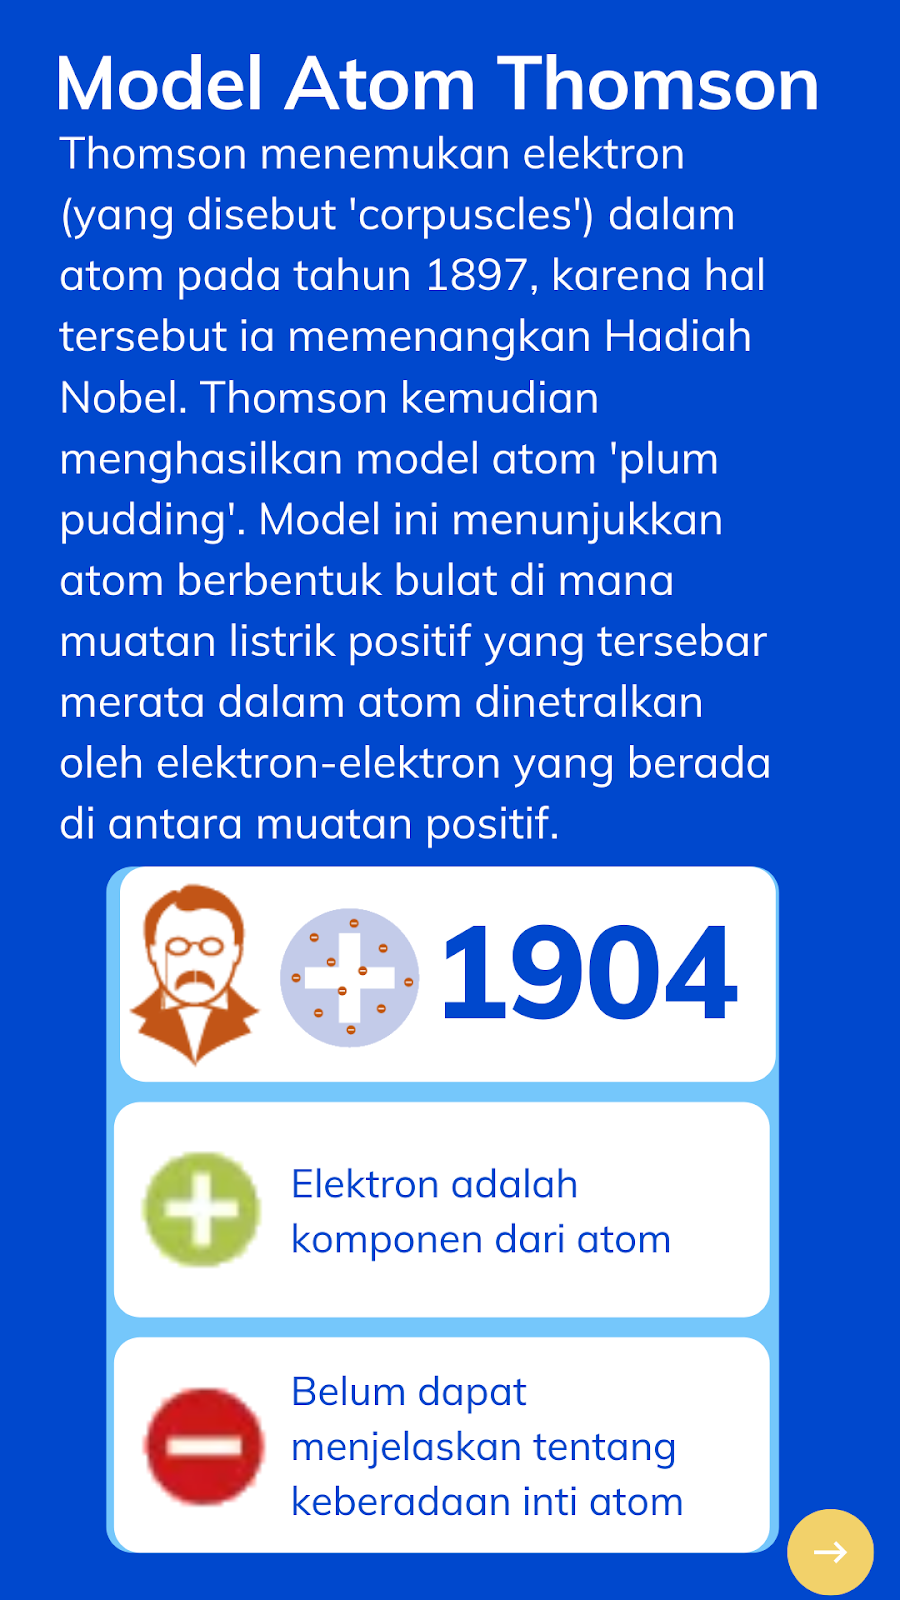 E:\DATA JIJI\ERAPEE Project\Chemistry\Gambar artikel\Sejarah Lengkap Perkembangan Teori Atom\3.png